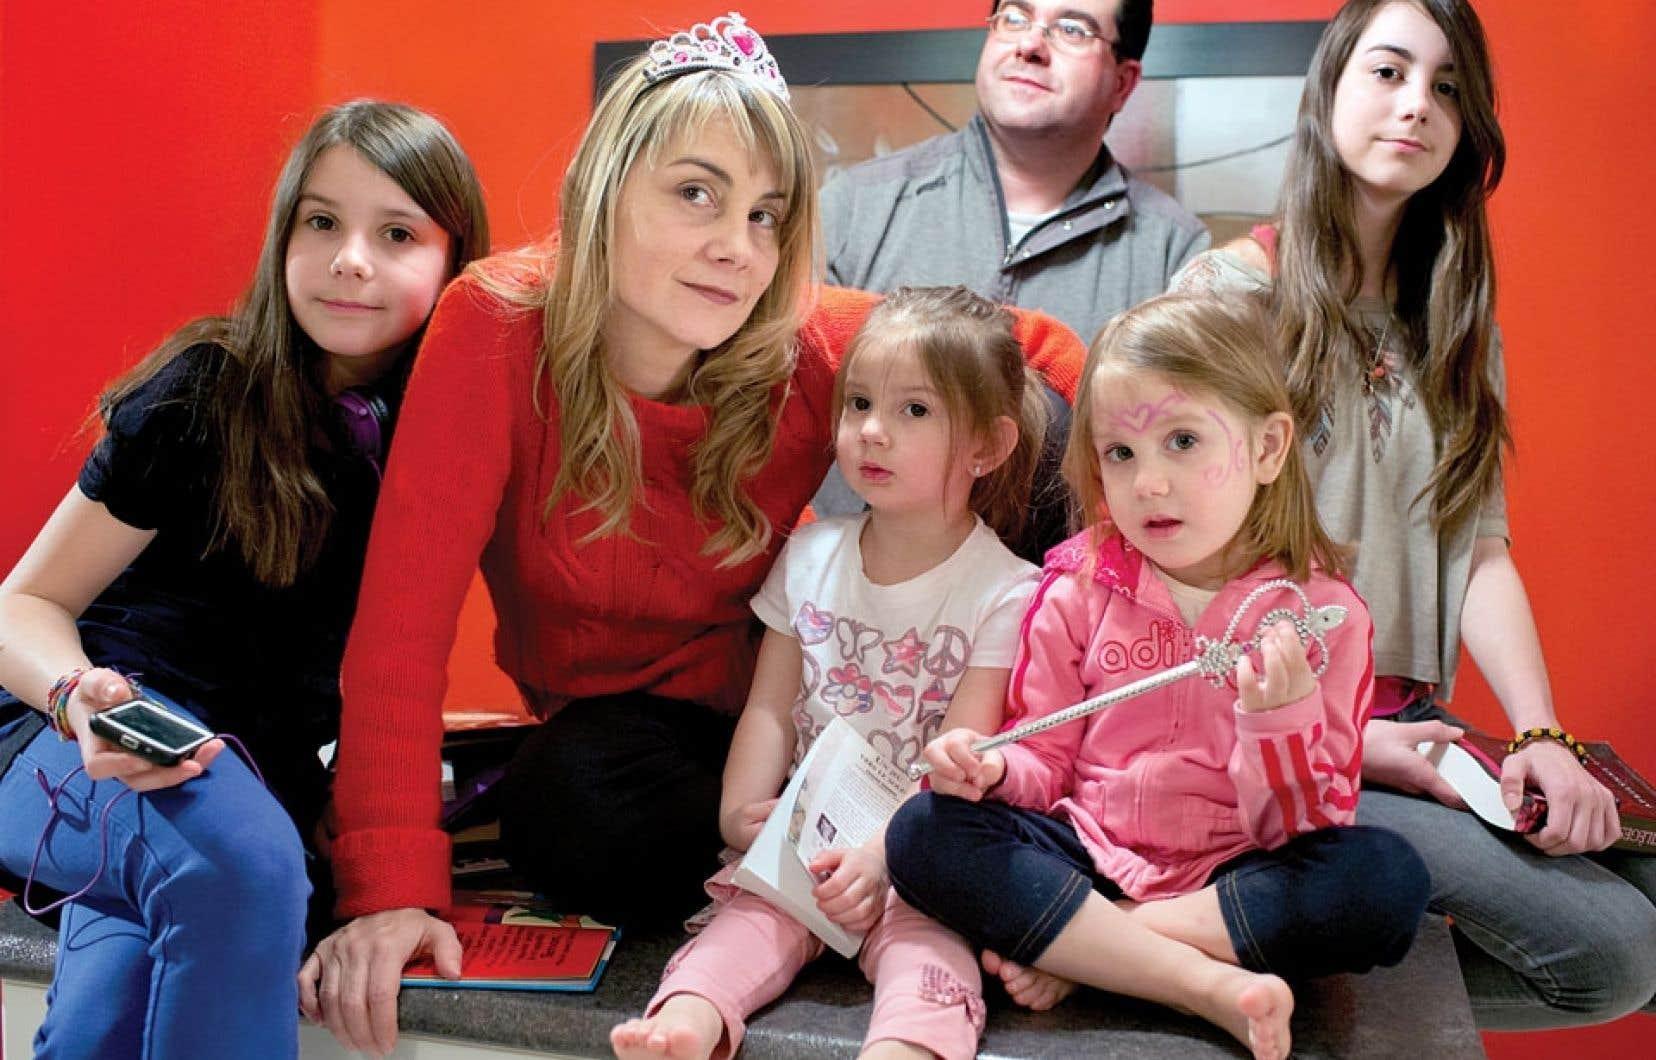 <div> La maman reine Danielle Verville et son conjoint Patrick ont quatre petites princesses: Juliette, 11 ans, Rafaëlle, 2 ans, Ariane, 4 ans, et Mathilde, 13 ans.</div>